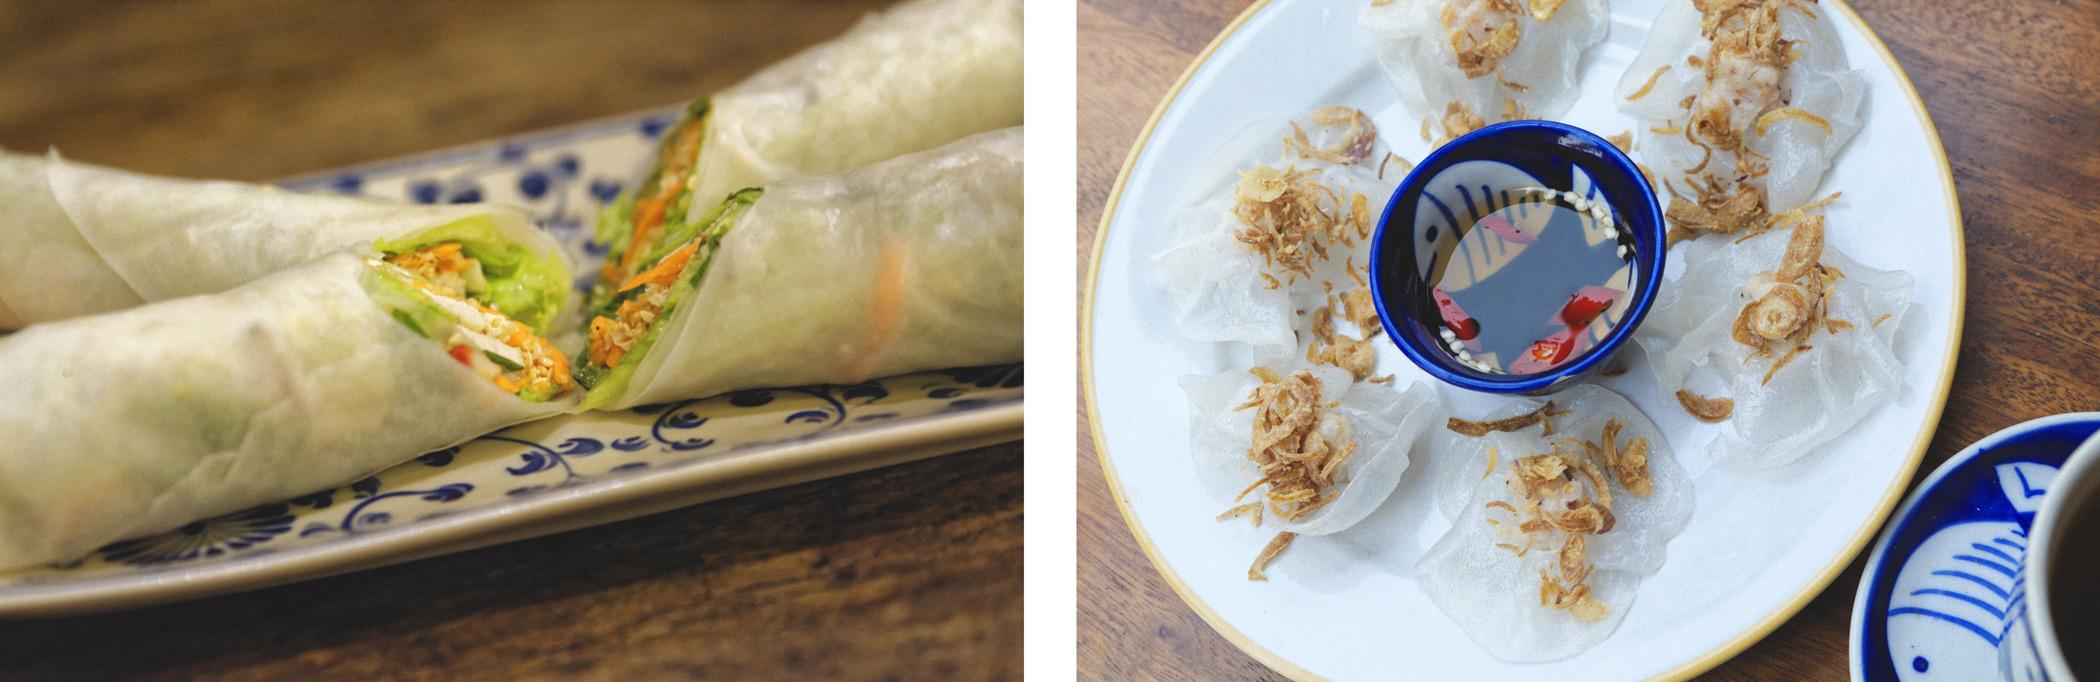 Cuisine Hoi An